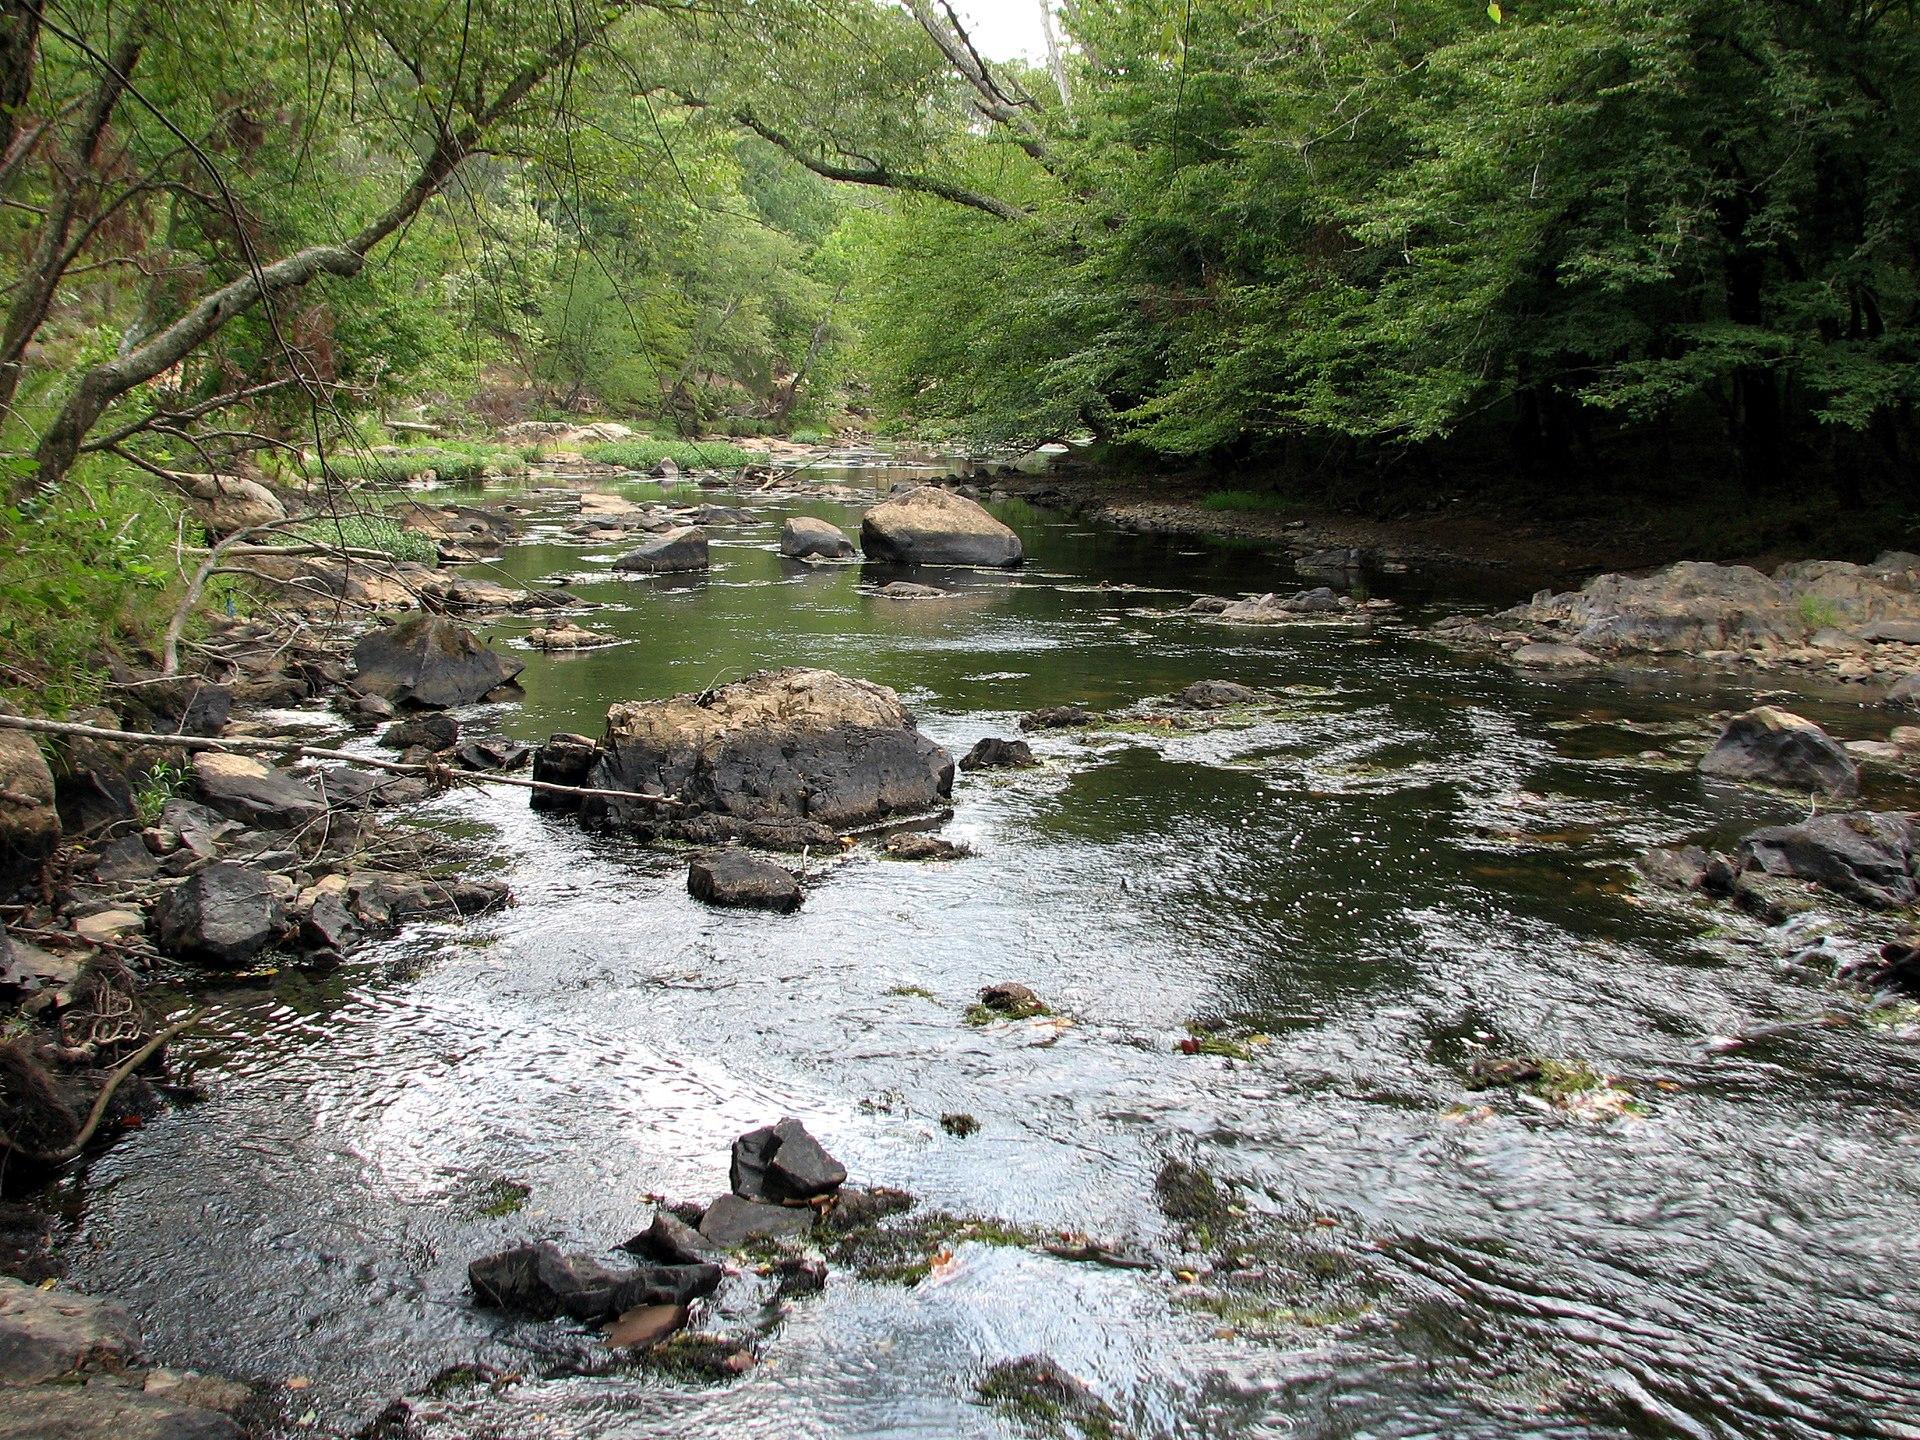 Eno River – Wikipedia